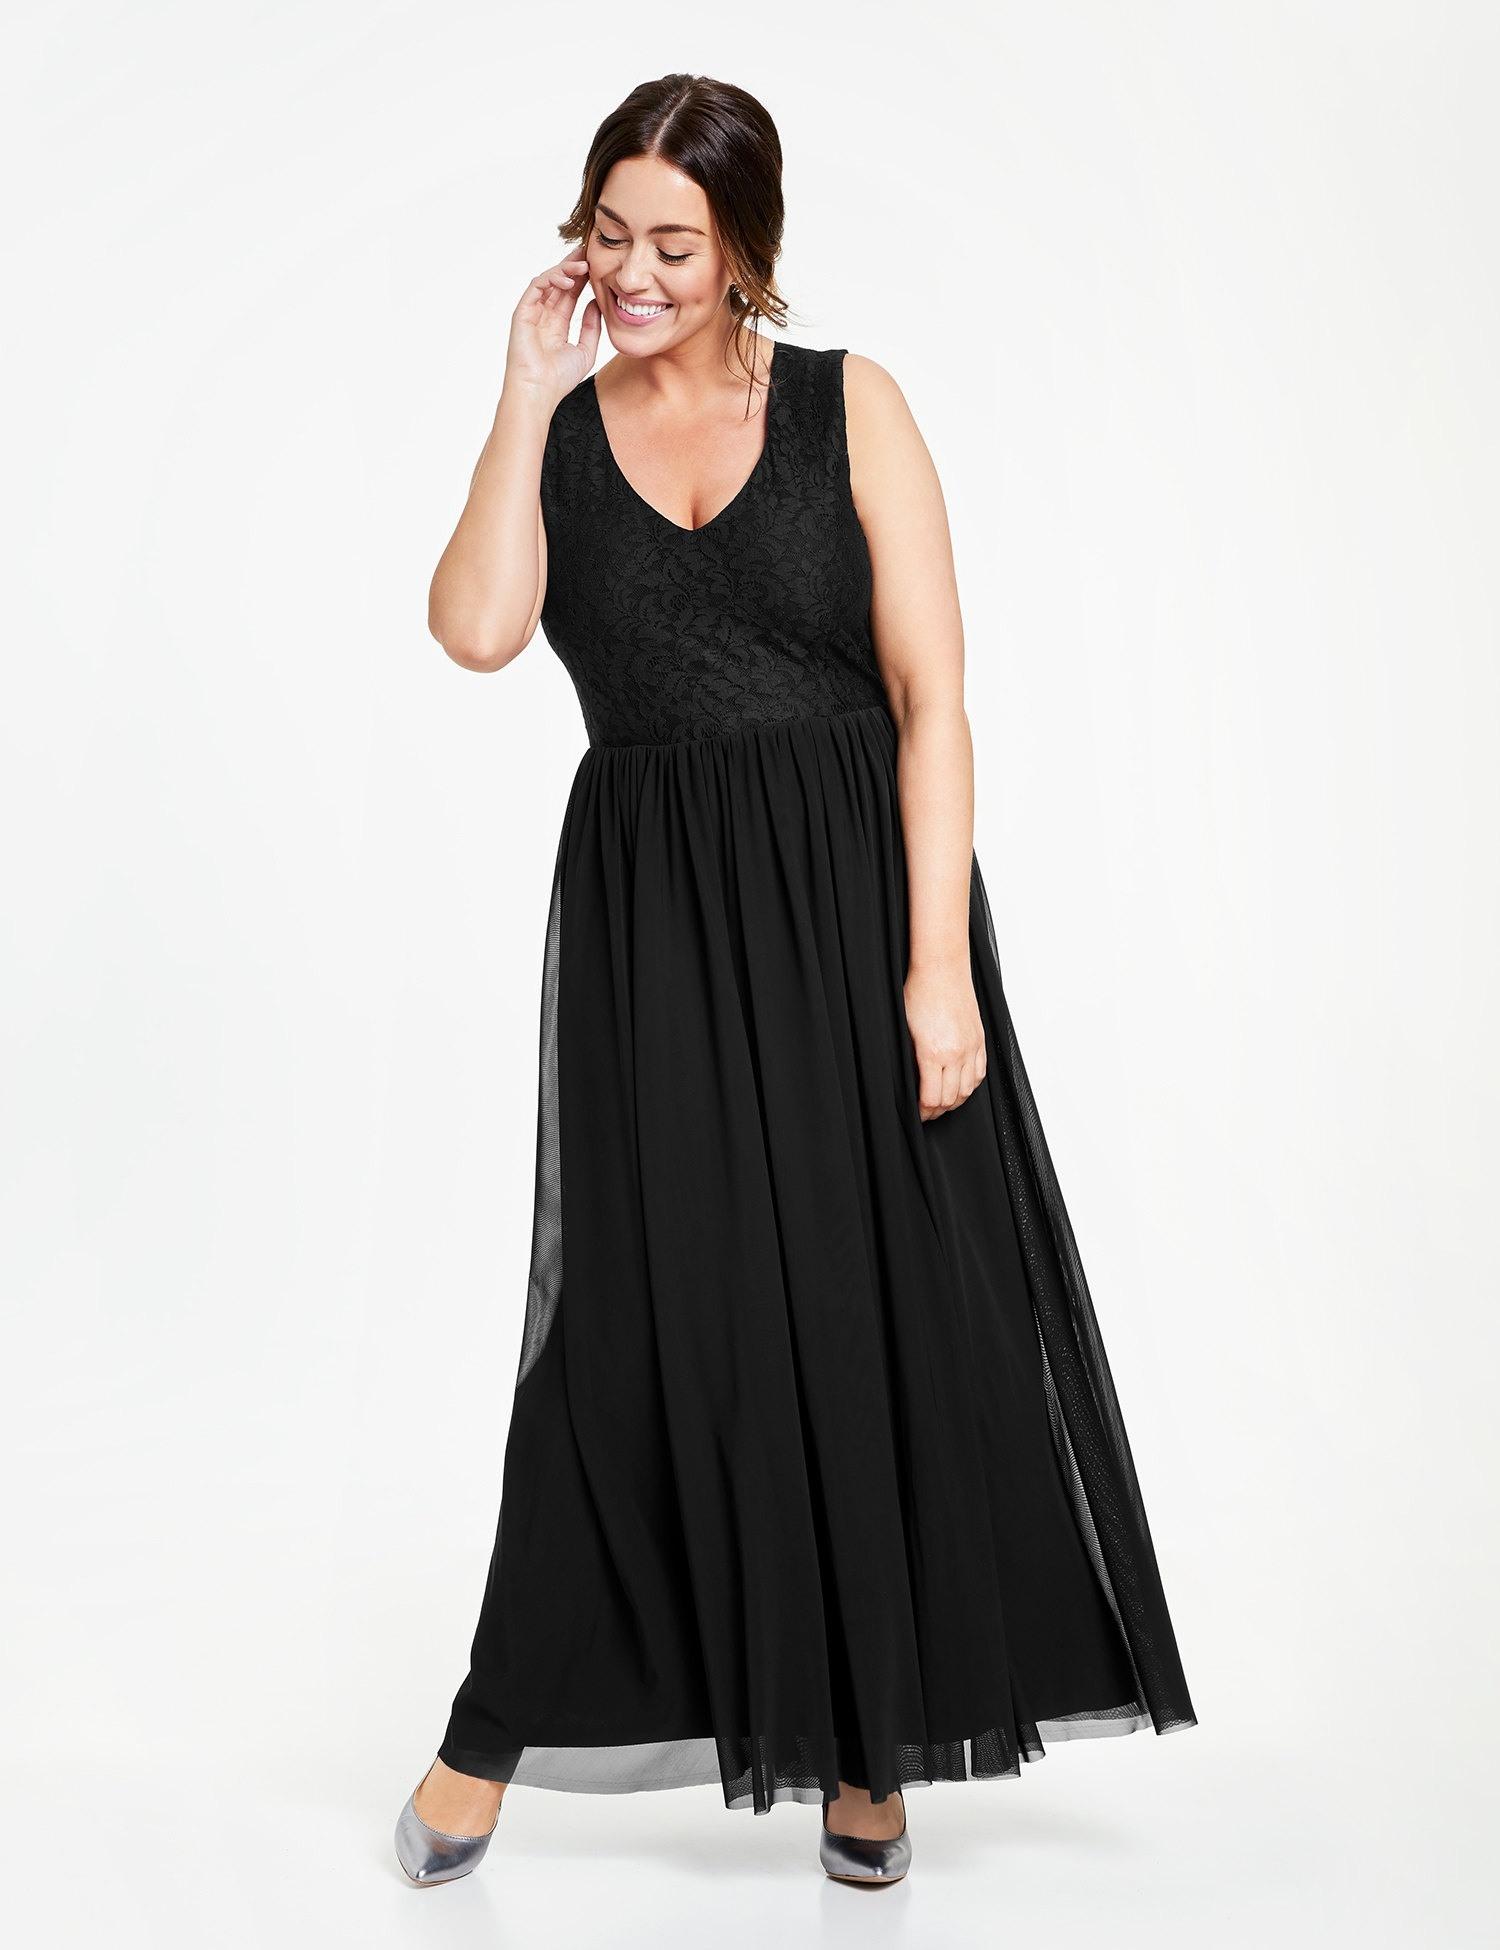 Erstaunlich Sommerkleider Größe 50 Bester PreisFormal Erstaunlich Sommerkleider Größe 50 Ärmel